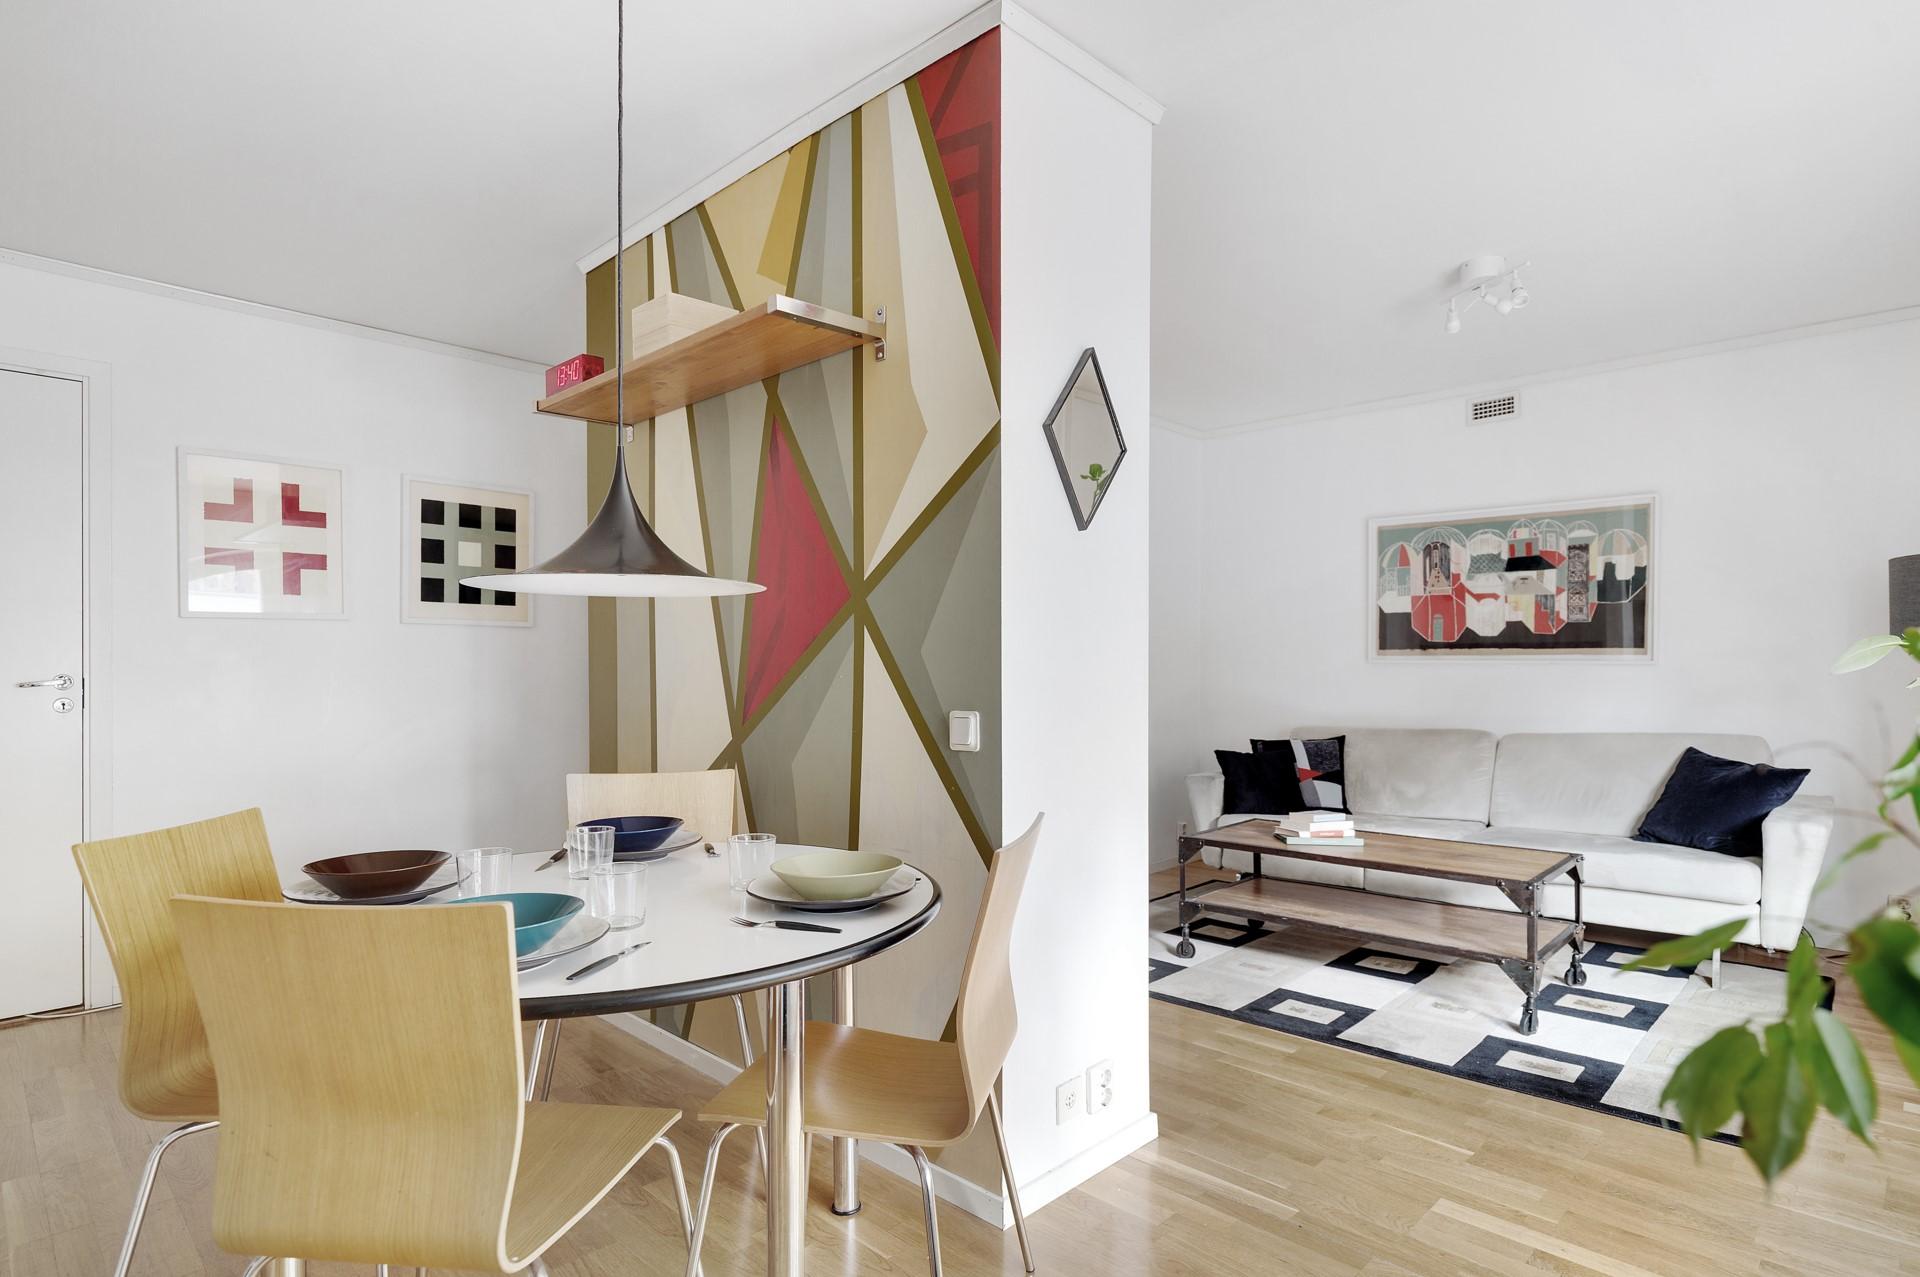 Fatburs Brunnsgata 31 - Öppet från kök mot vardagsrum